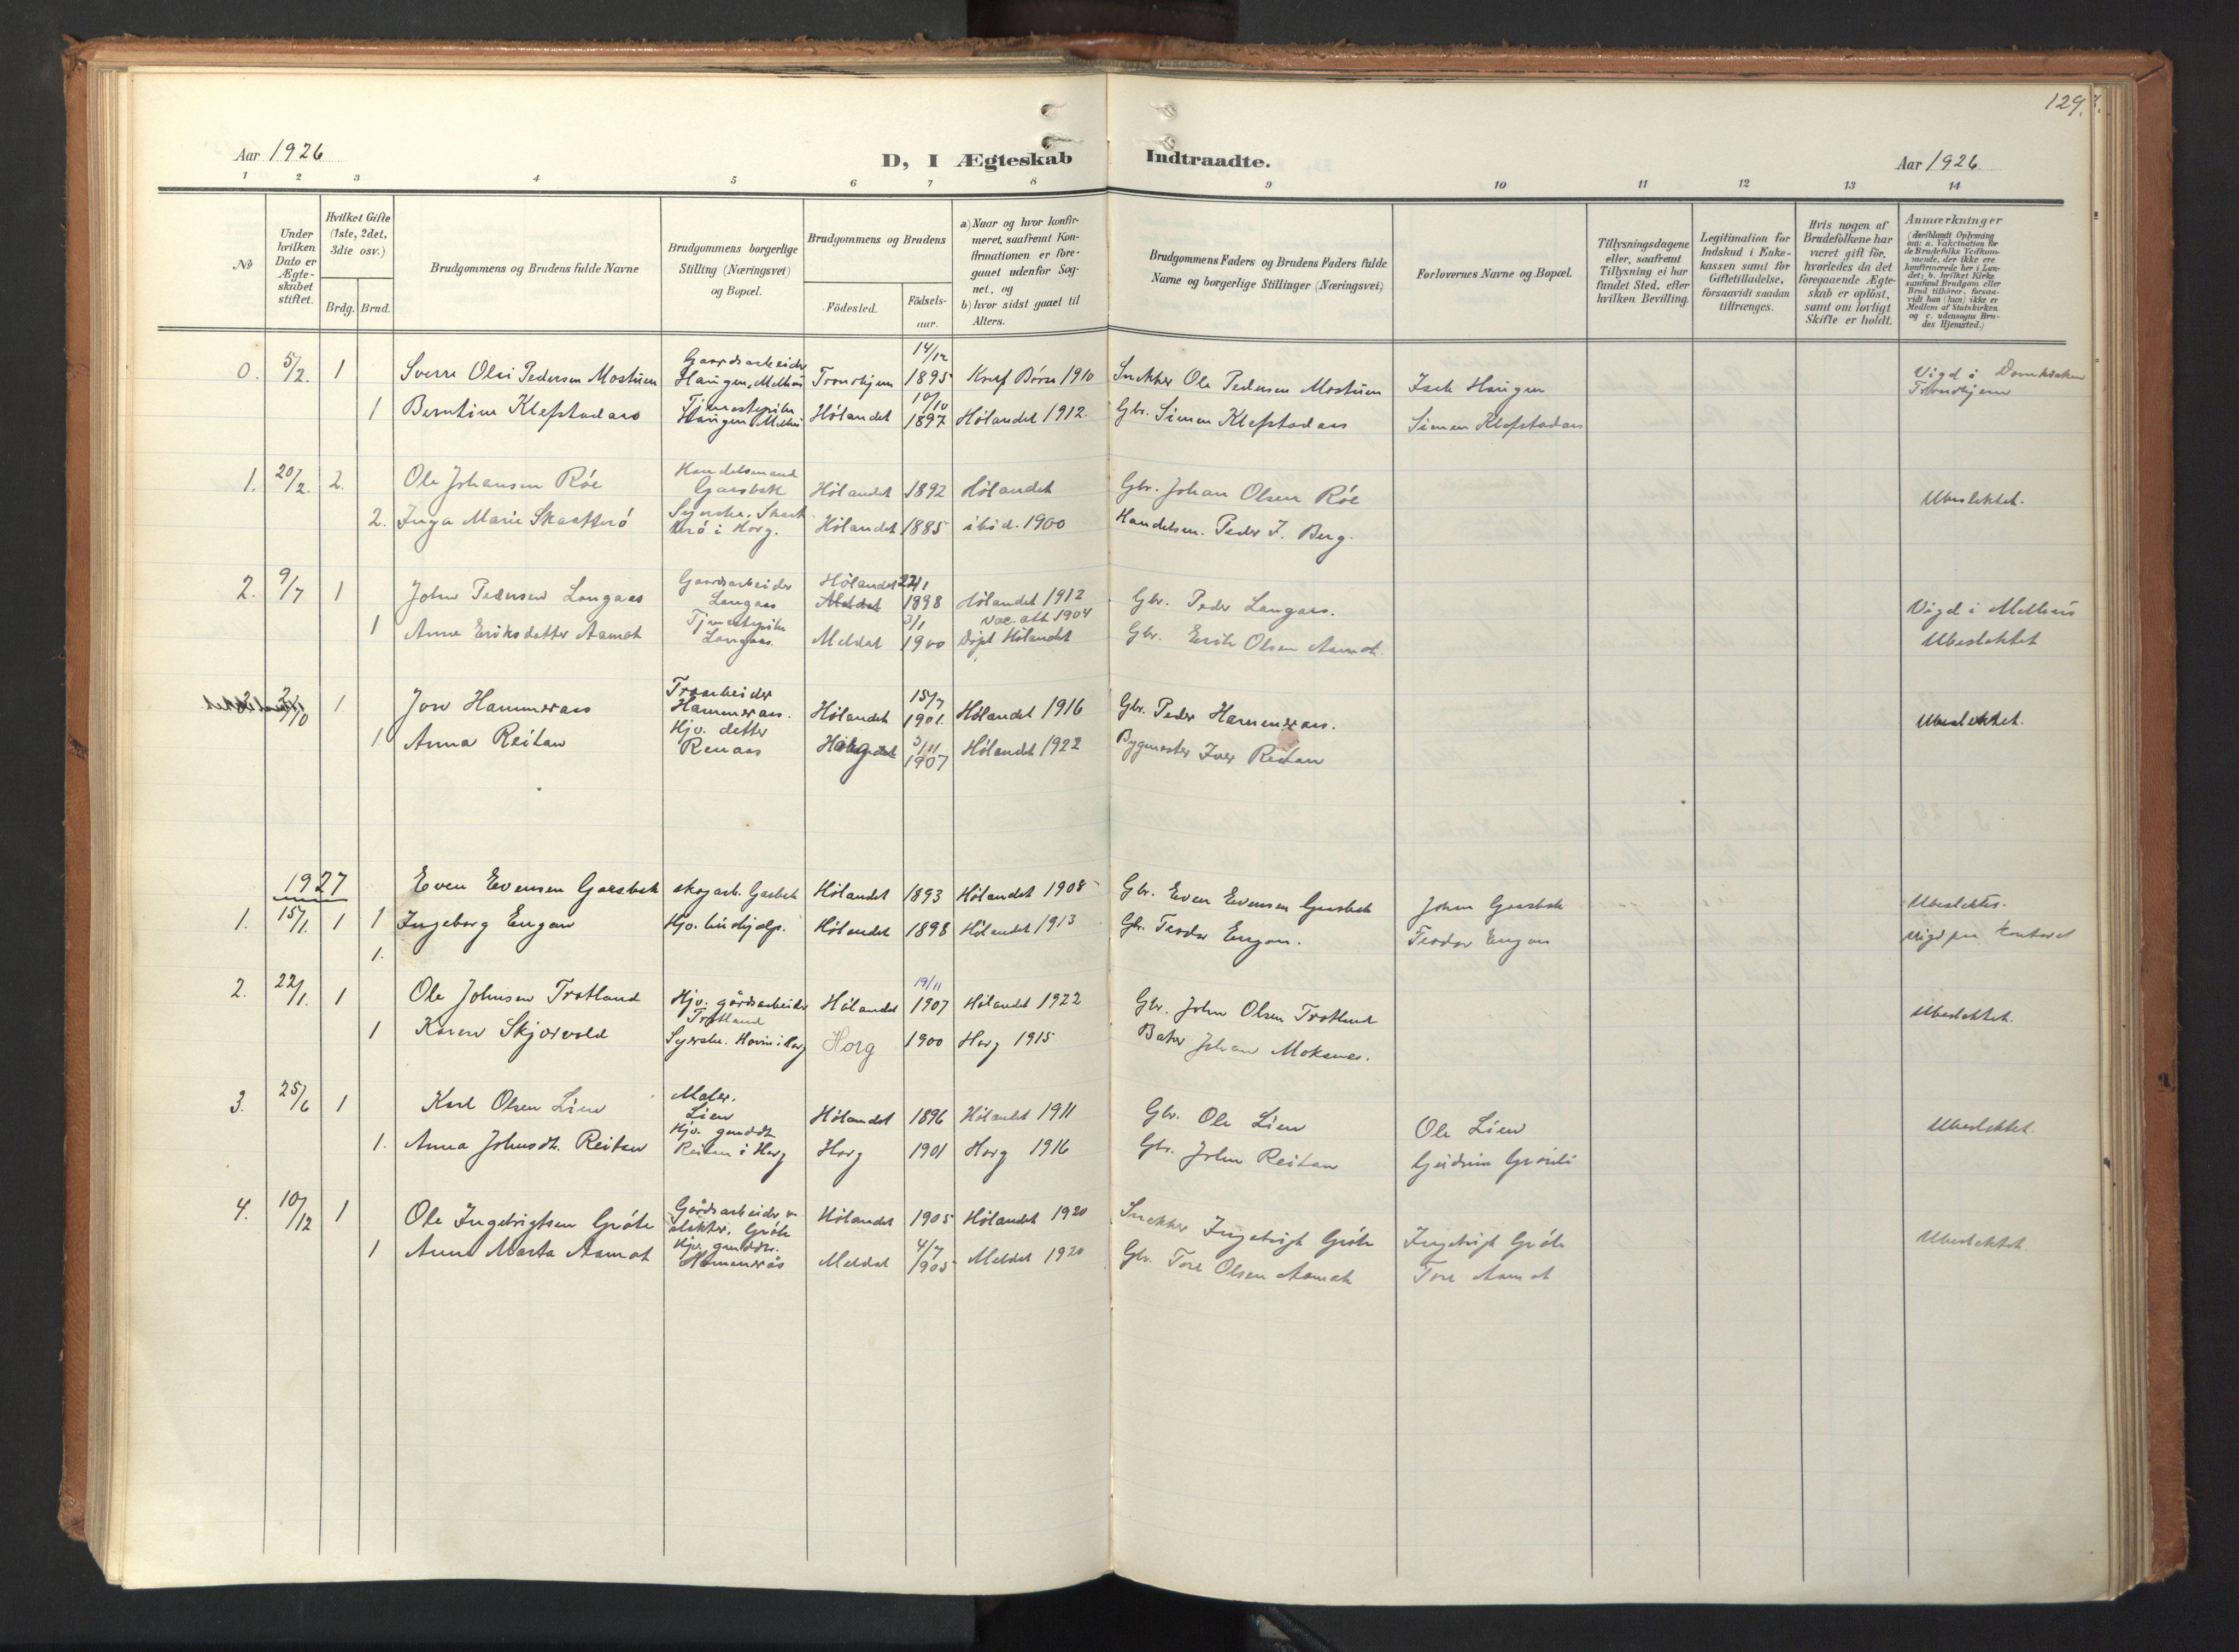 SAT, Ministerialprotokoller, klokkerbøker og fødselsregistre - Sør-Trøndelag, 694/L1128: Ministerialbok nr. 694A02, 1906-1931, s. 129